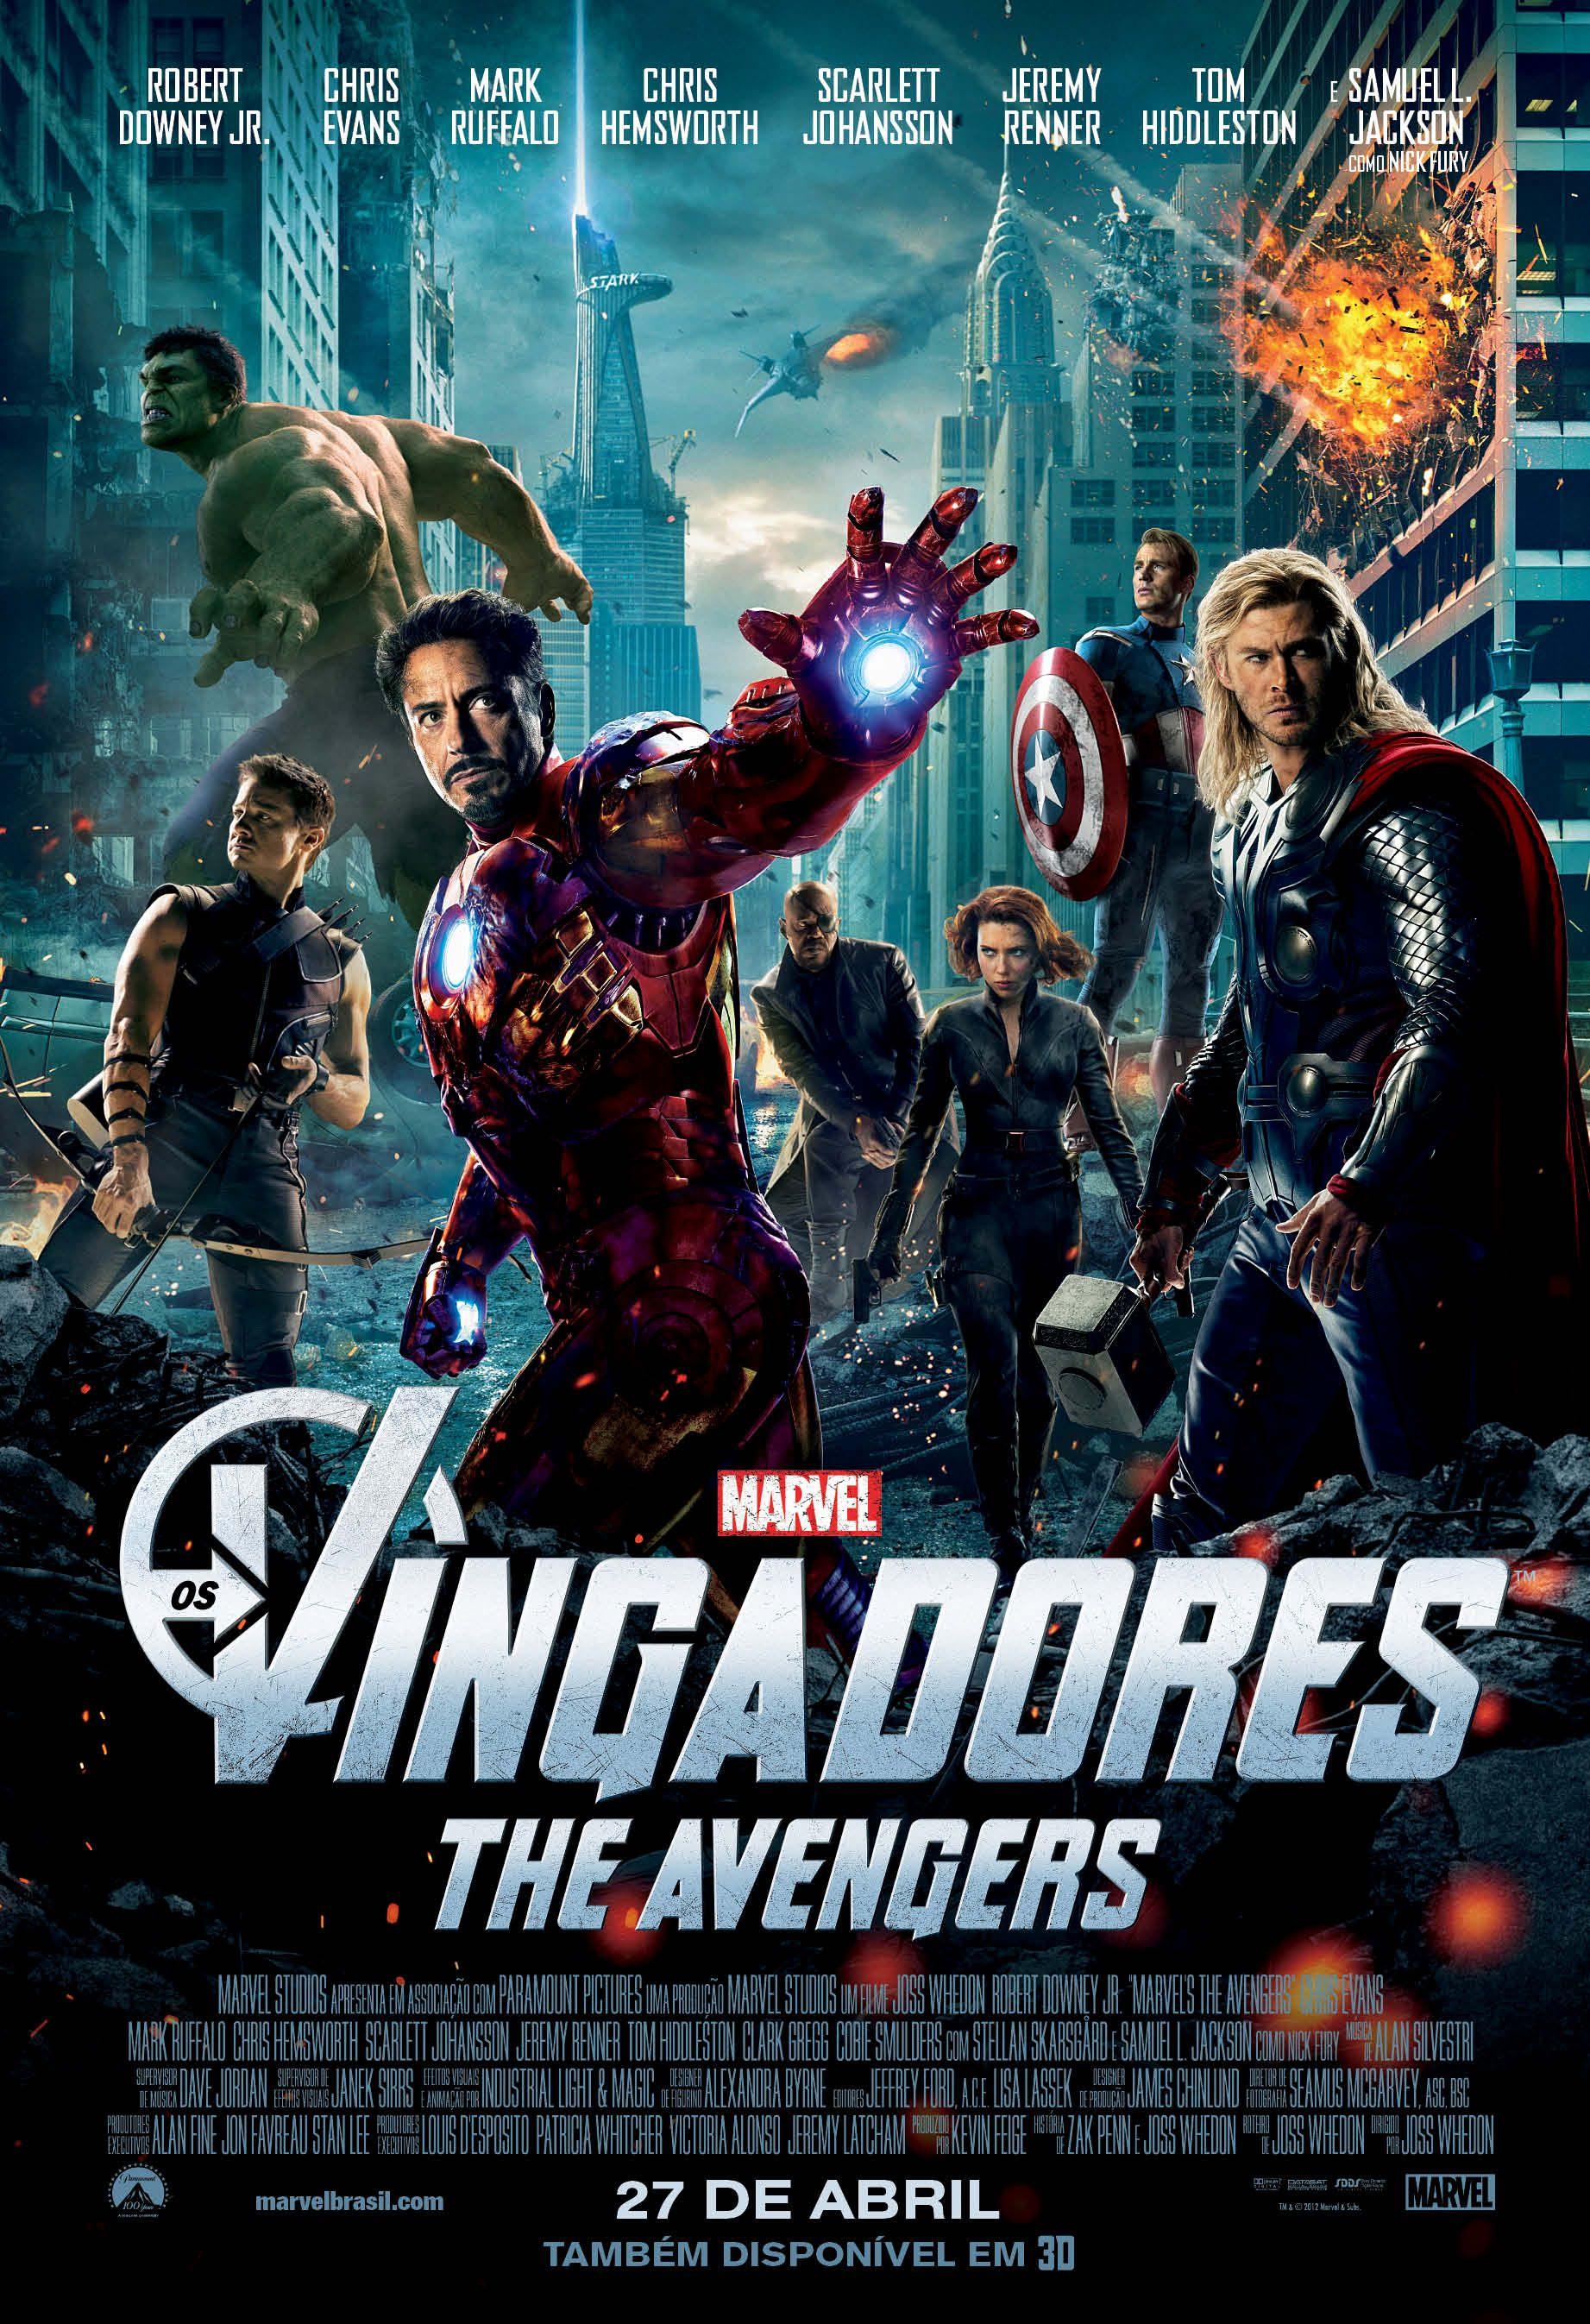 Os Vingadores | País: EUA | Gênero: Aventura | Lançamento Nacional: 27/04/2012 | Distribuidor: Walt Disney Studios